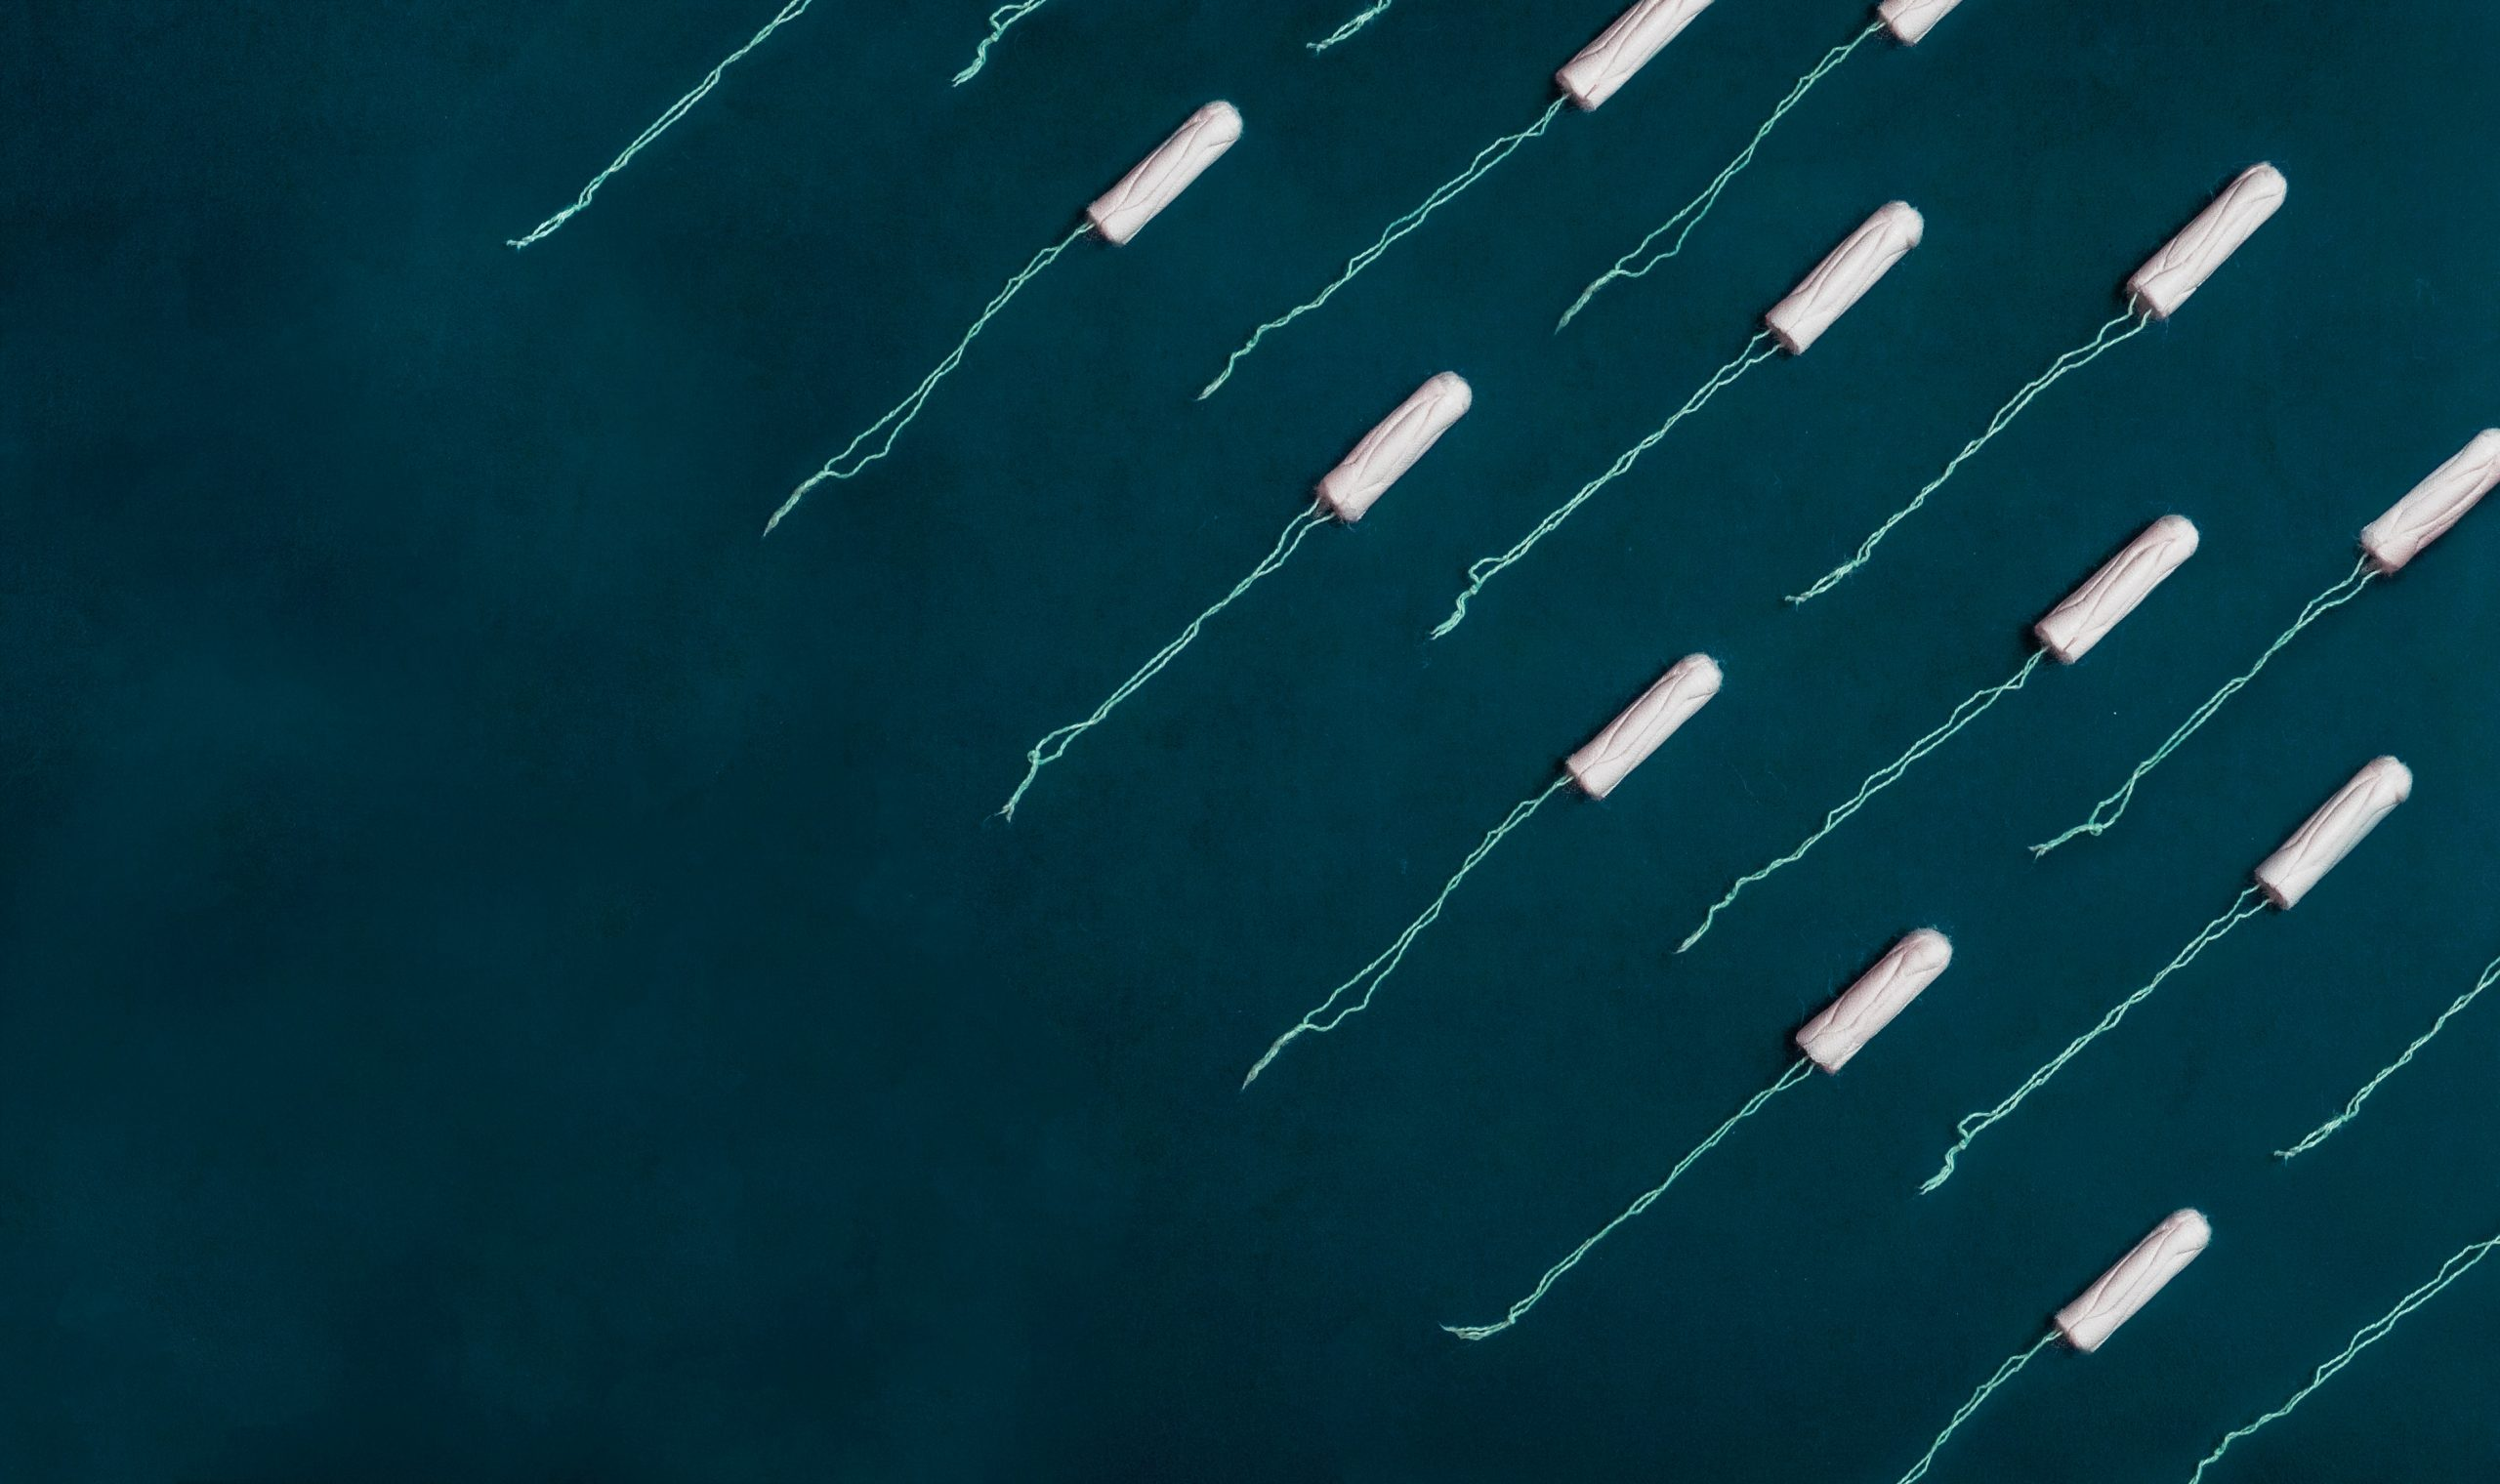 Imagem de vários absorventes internos sobre fundo azul